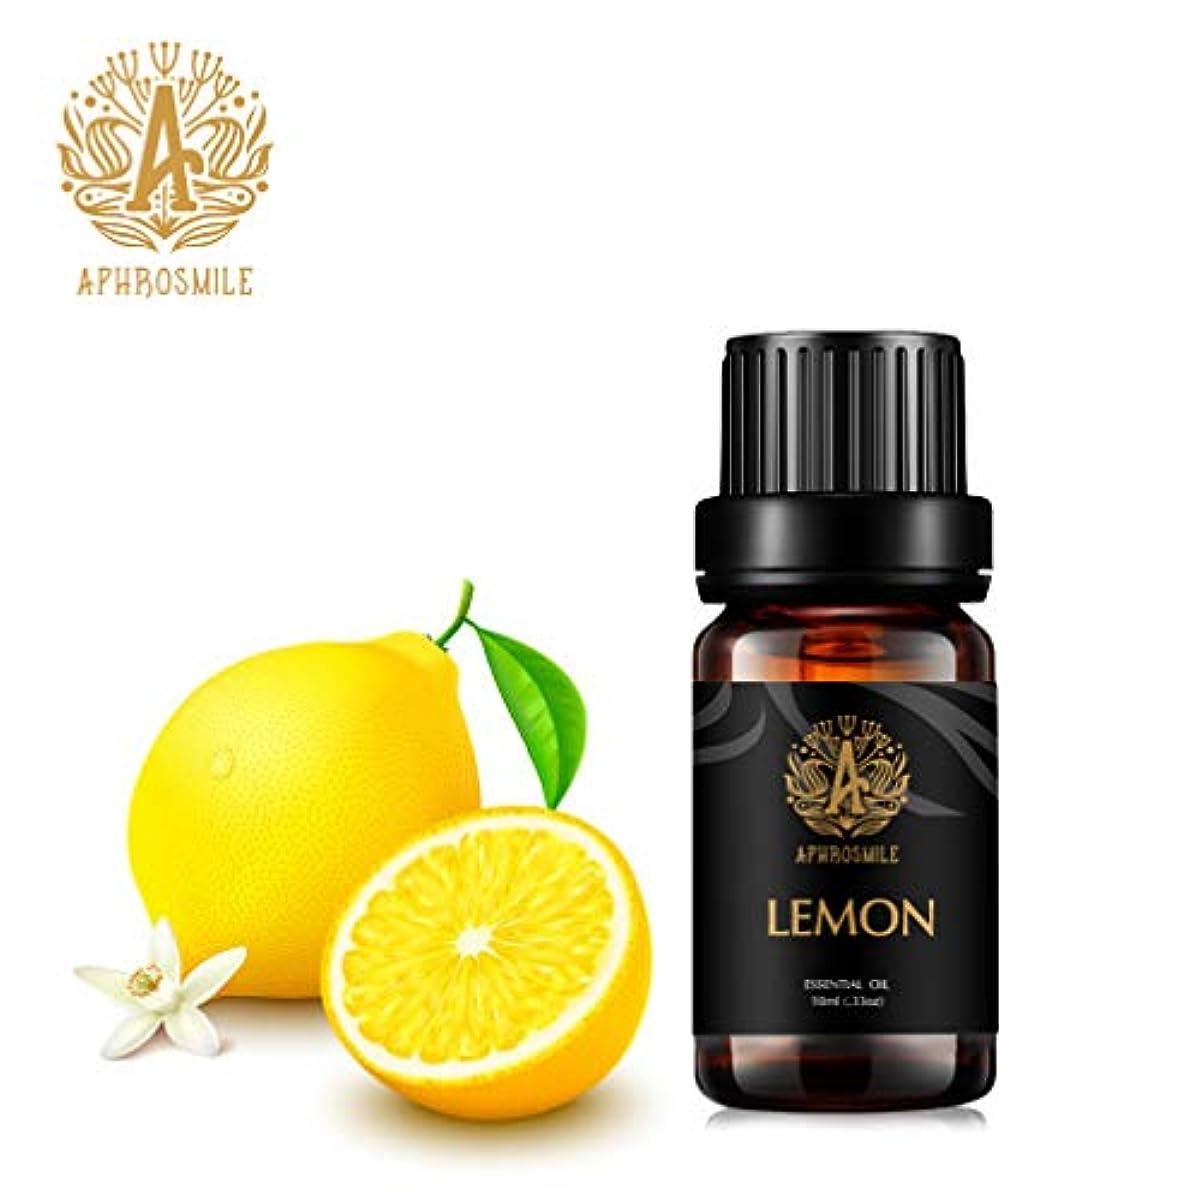 保険をかけるポジション言及するレモン精油、100%純粋なアロマセラピーエッセンシャルオイルレモンの香り、クレンジングとし、空気を浄化します、治療用グレードエッセンシャルオイルレモンの香り為にディフューザー、マッサージ、加湿器、デイリーケア、0.33オンス...